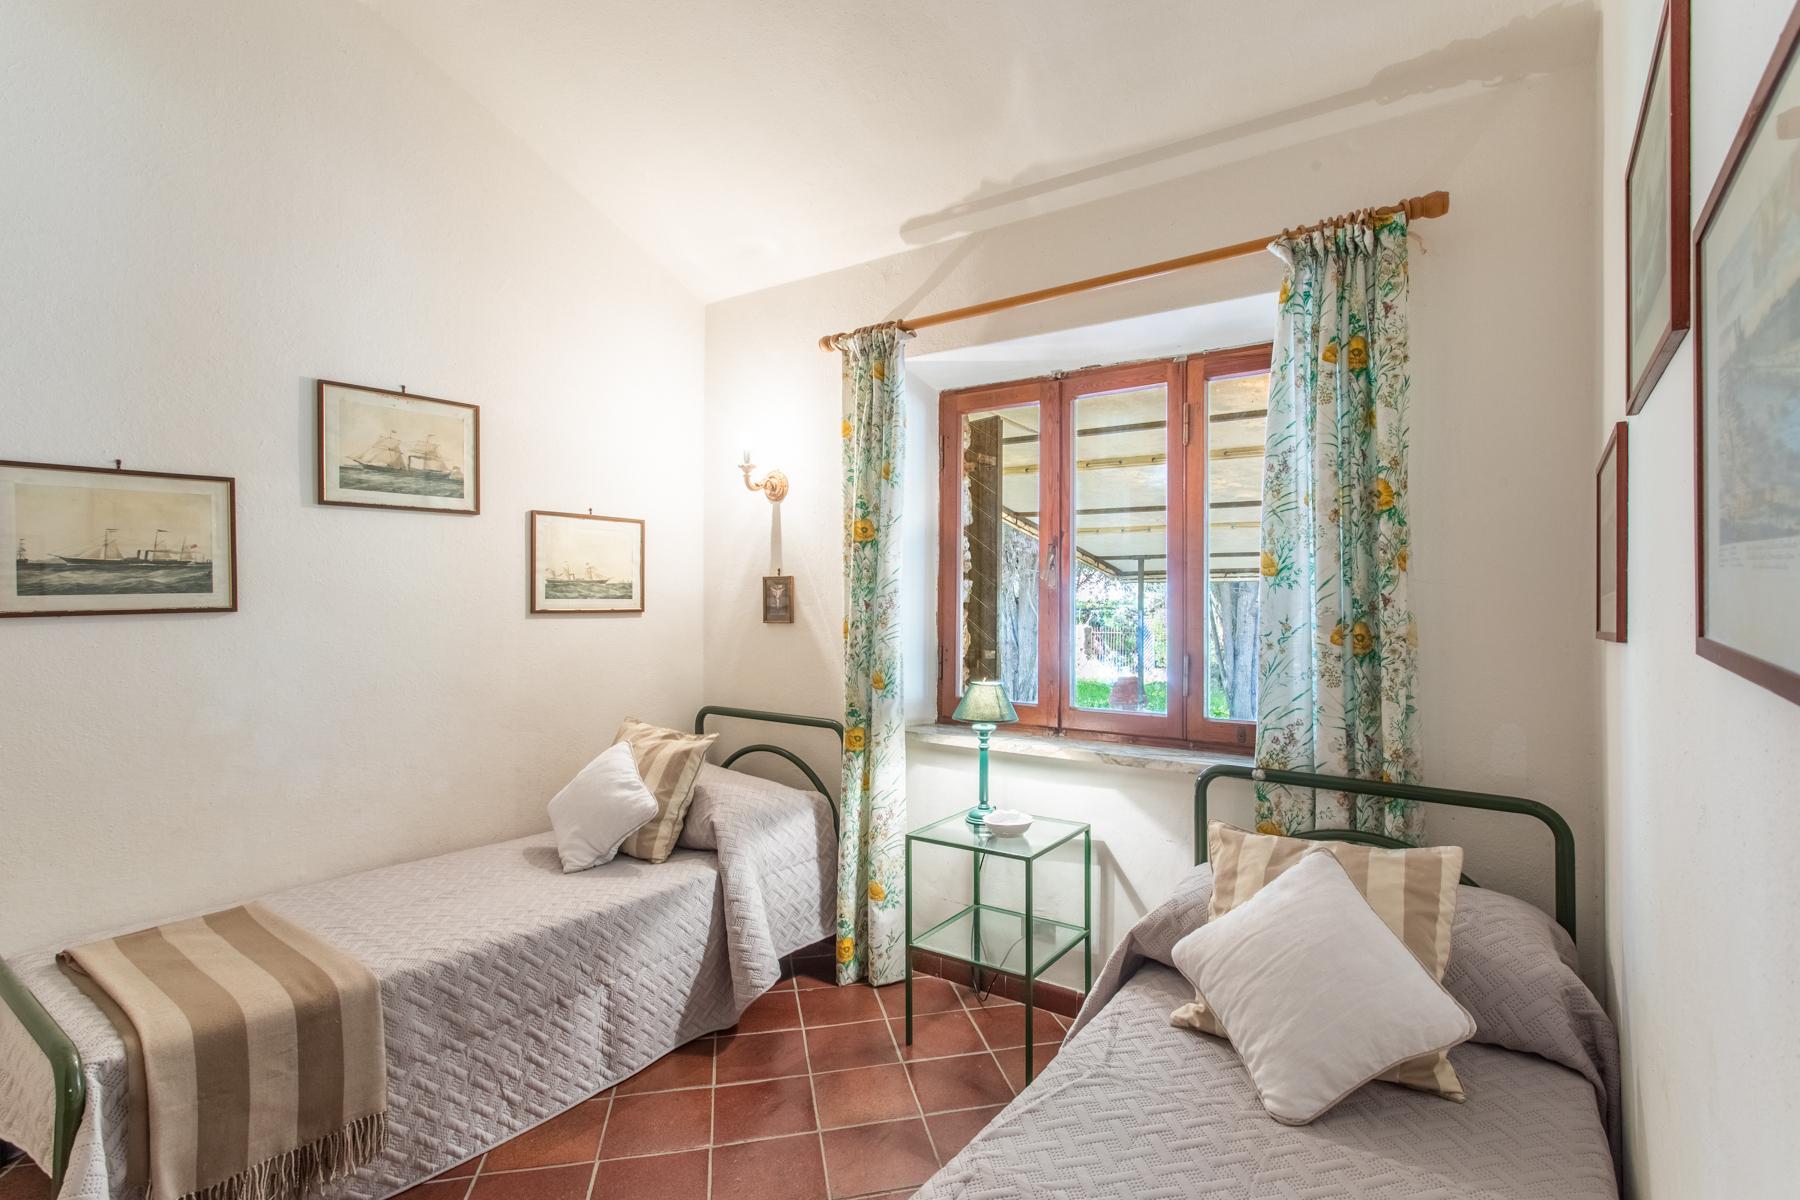 Wundeschöne Villa aus Stein in einzigartiger Umgebung - 19